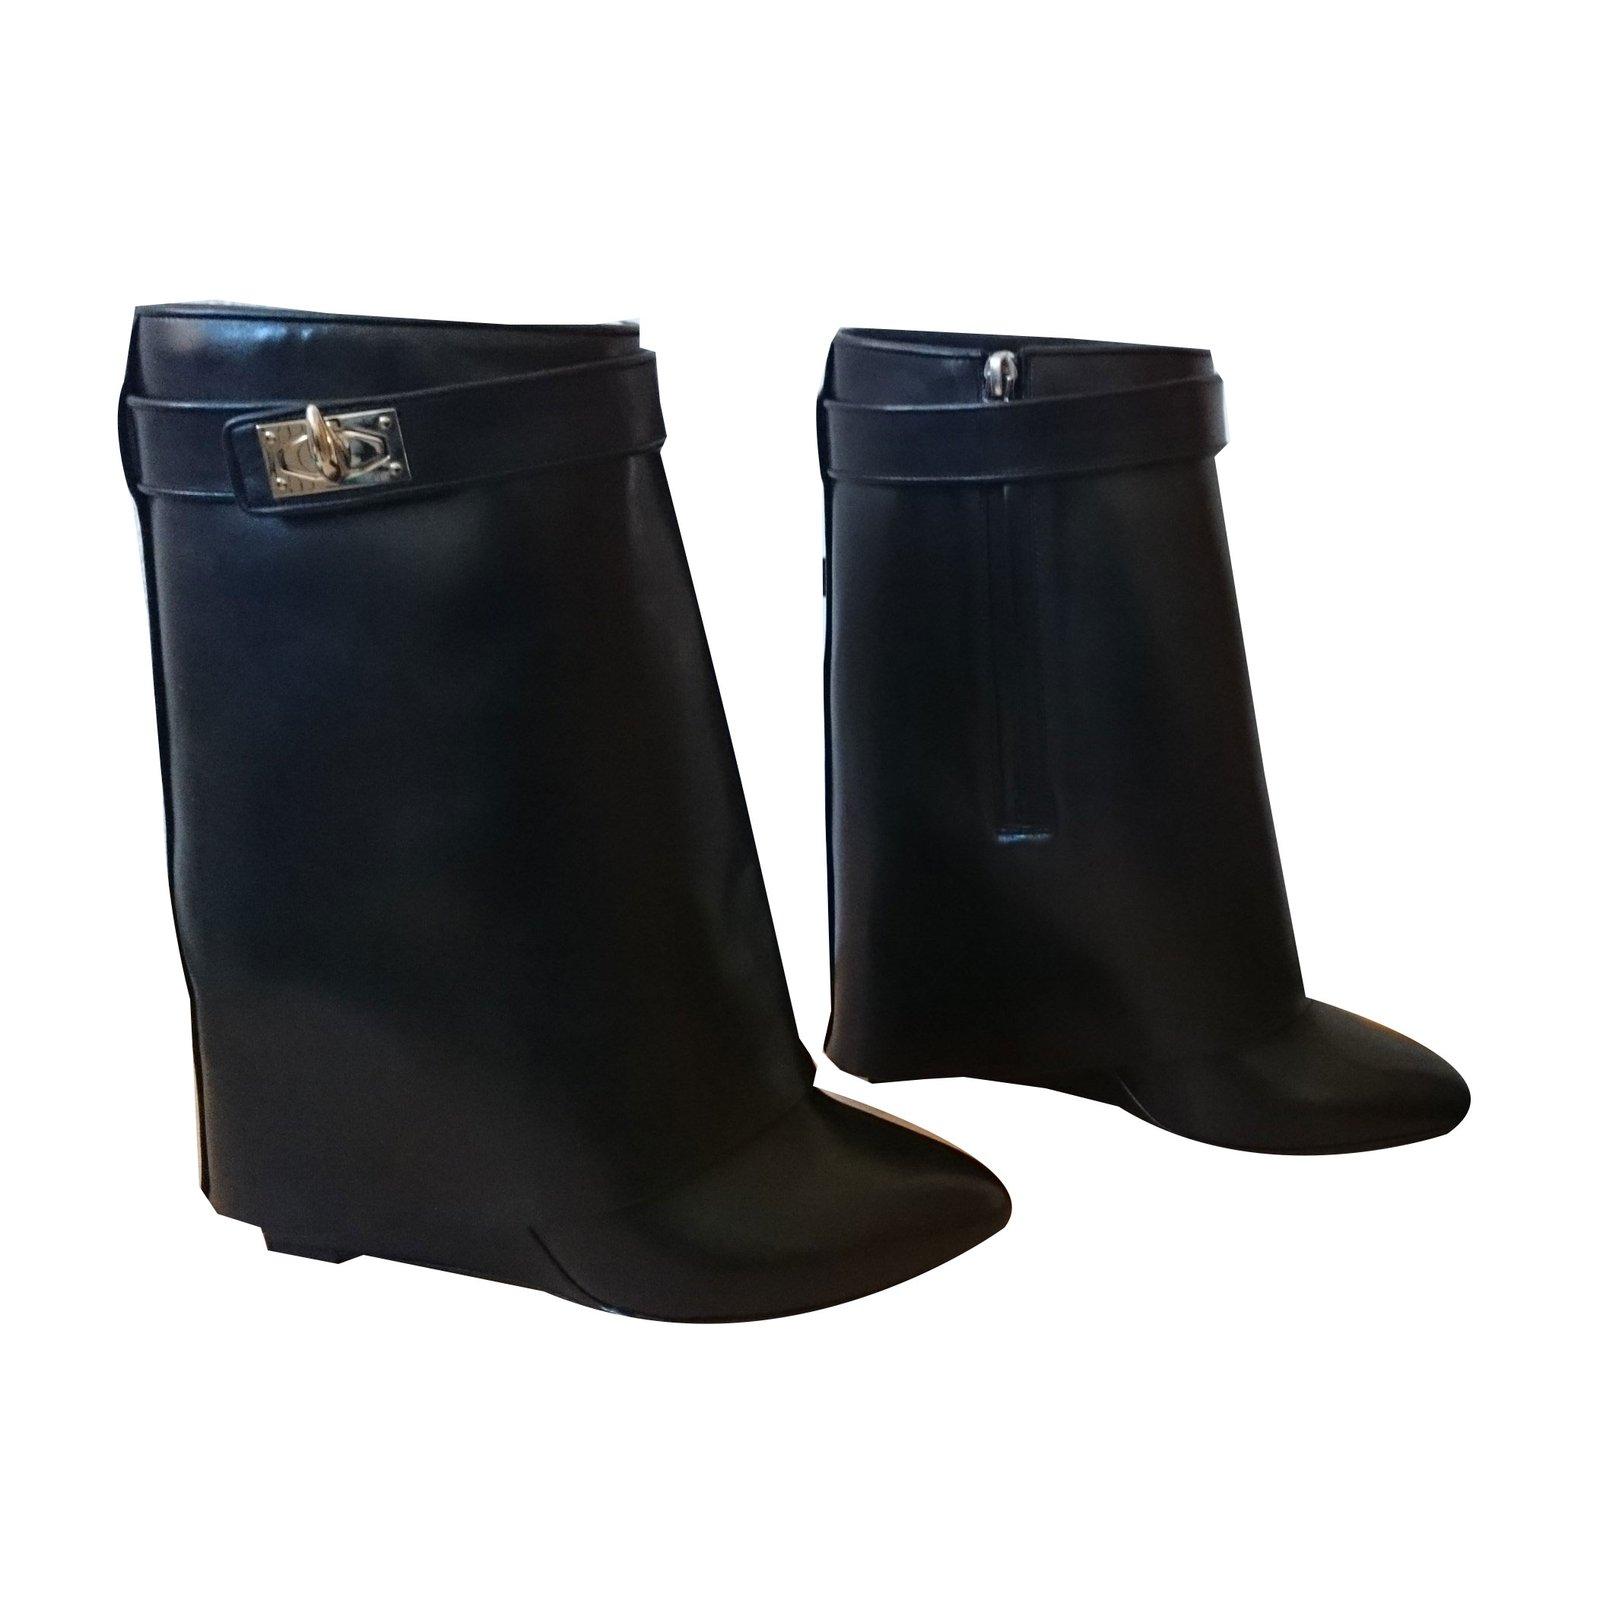 39617 Closet Joli Givenchy Noir Bottines Ref Cuir qp40WwB